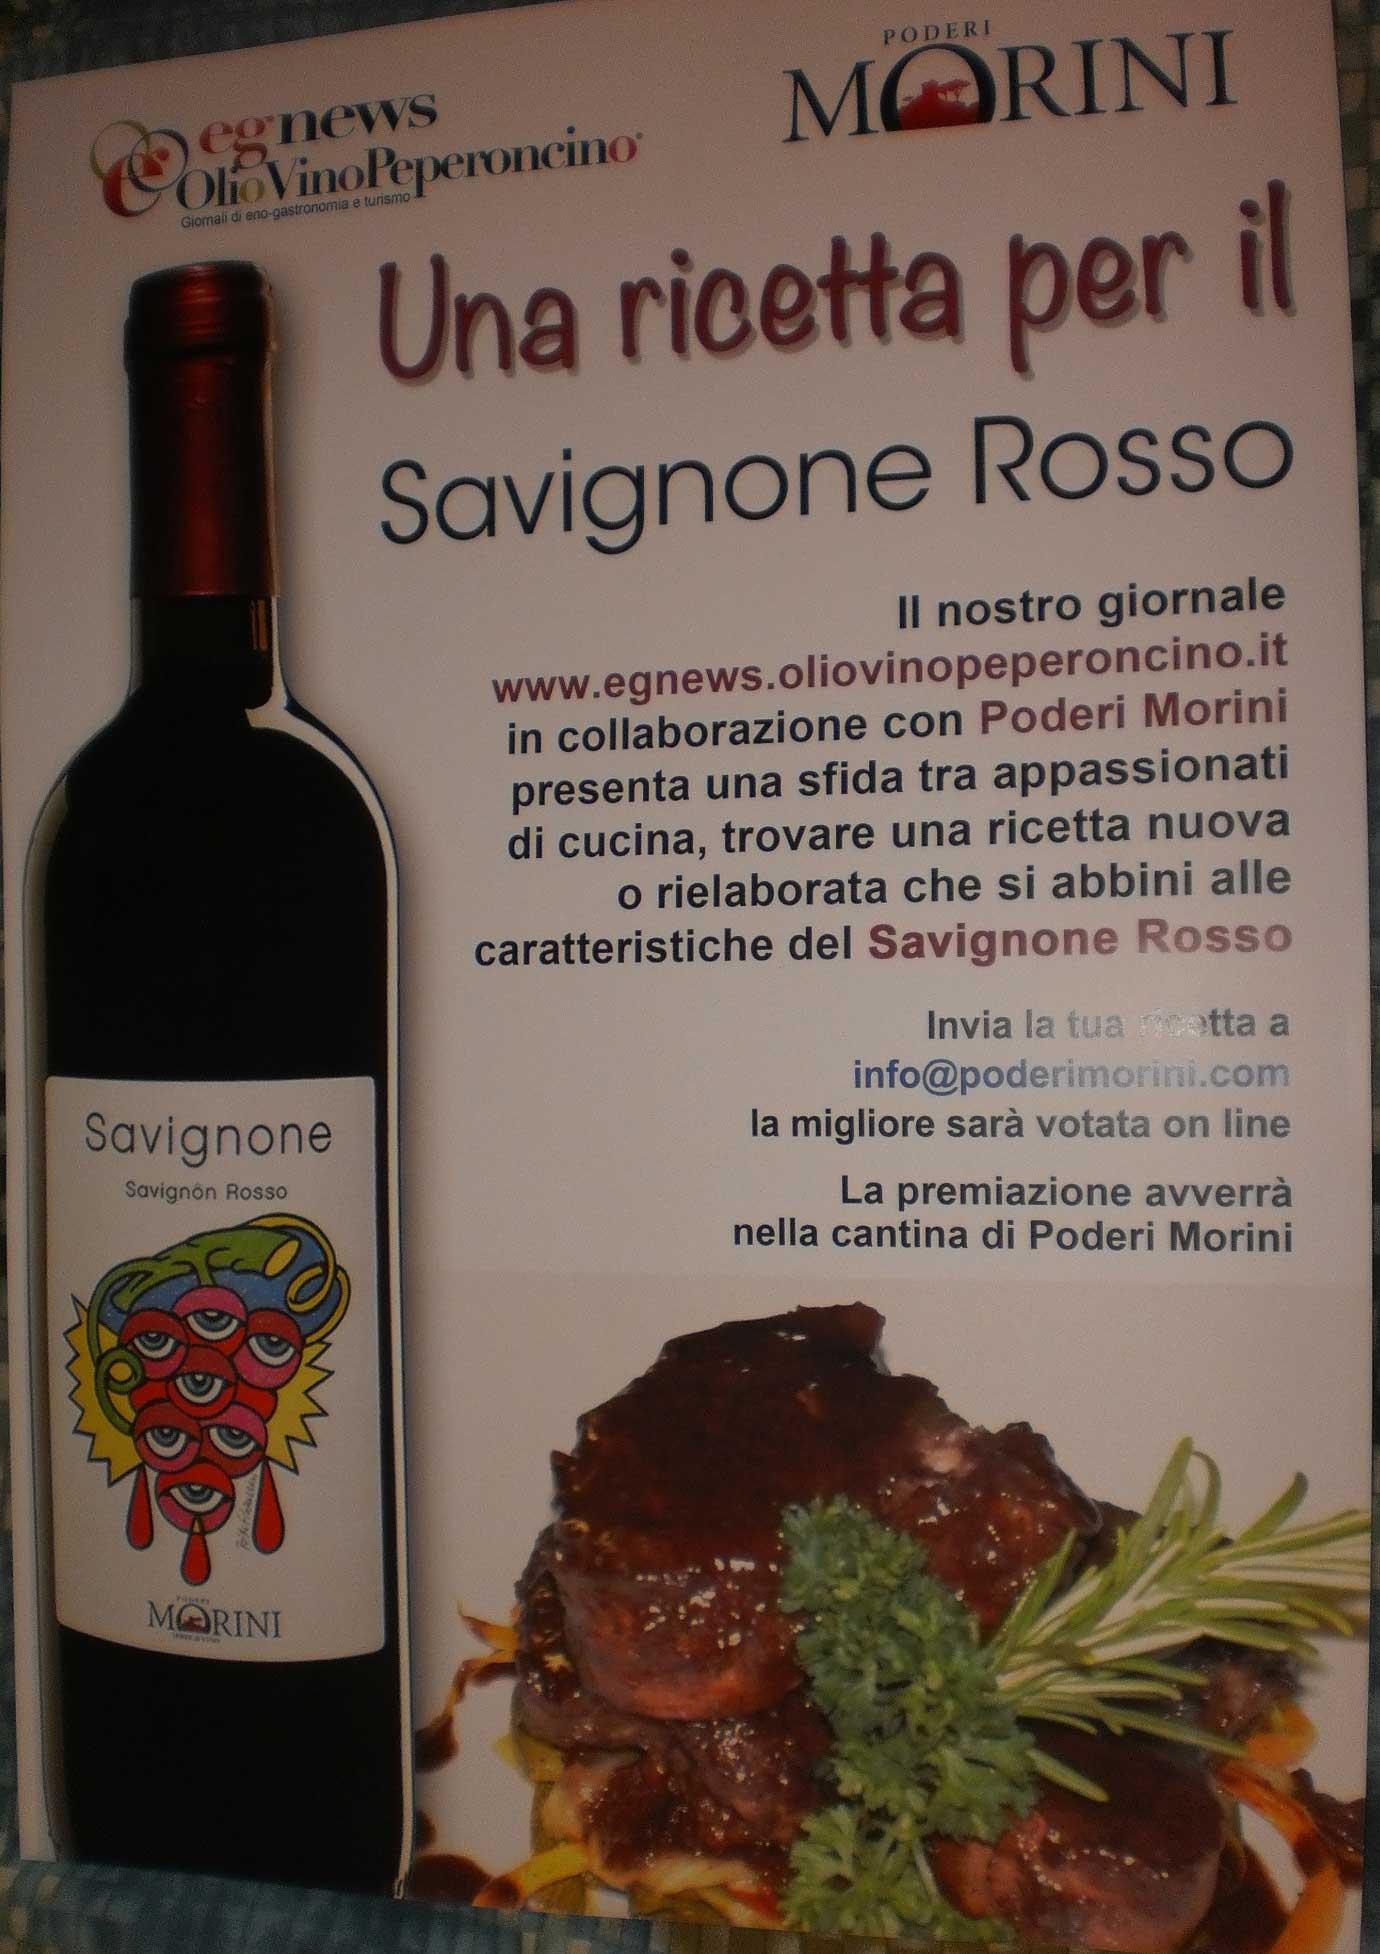 Una ricetta per il Savignone Rosso